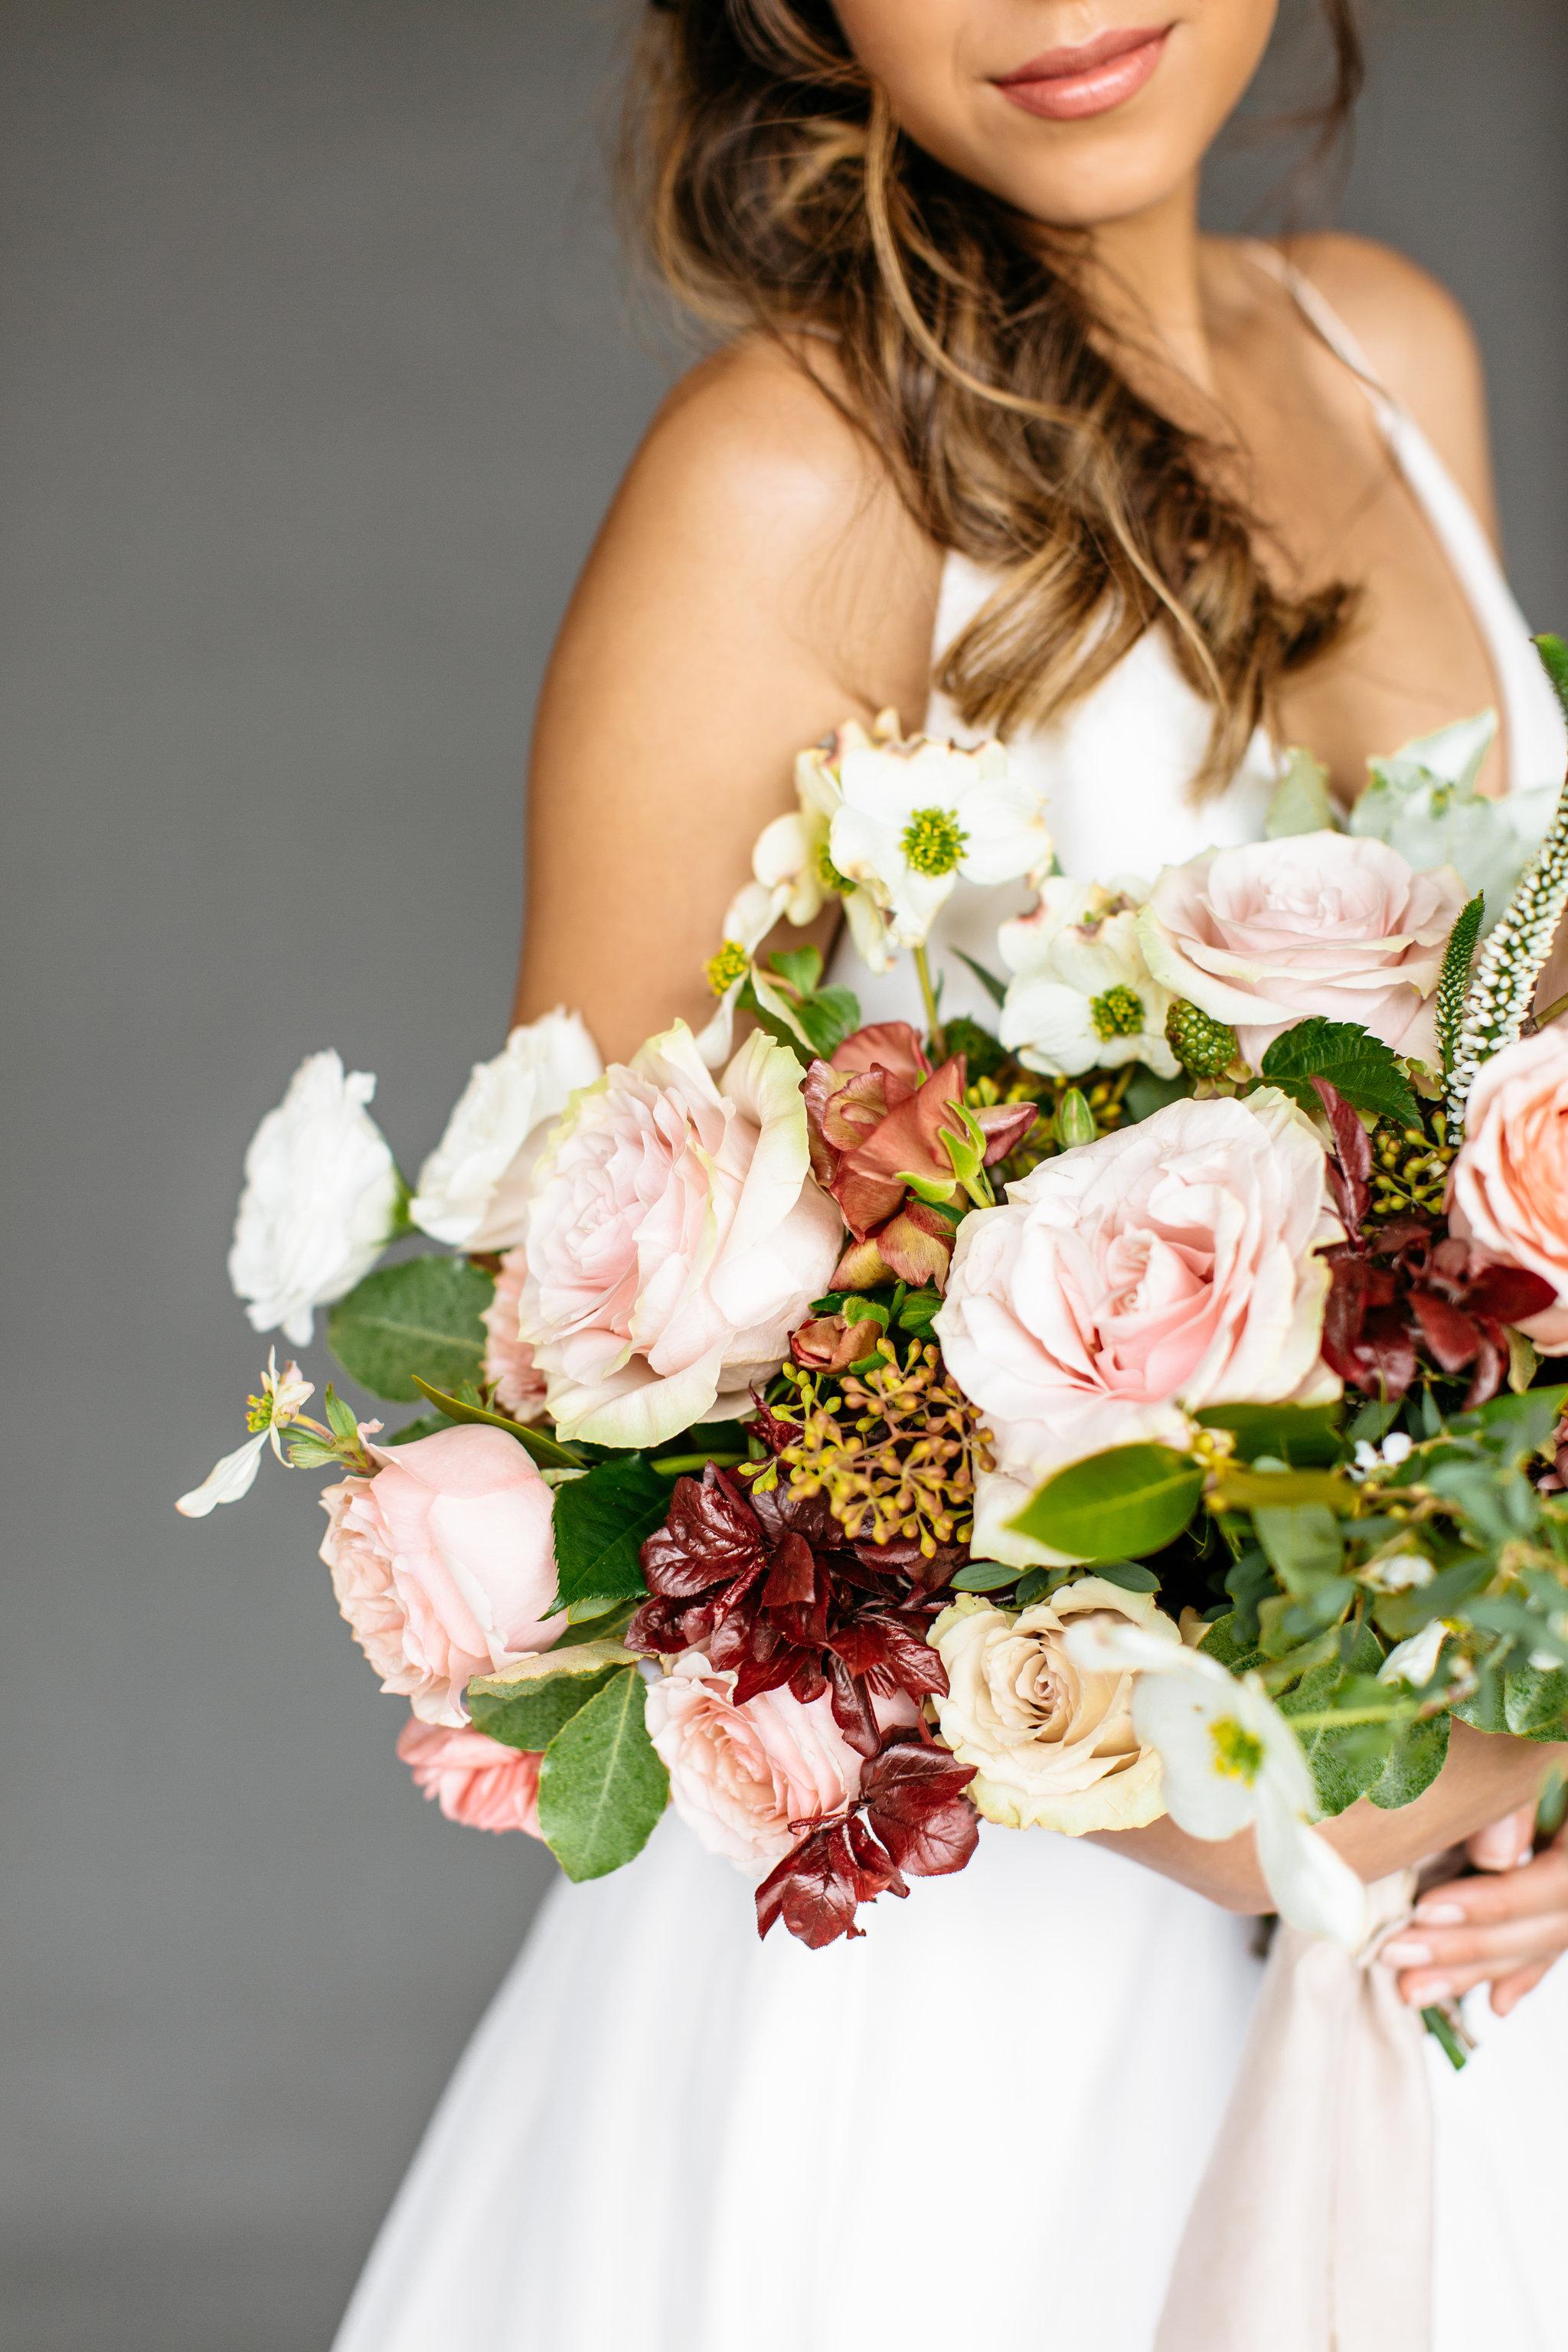 Alexa-Vossler-Photo_Dallas-Wedding-Photographer_Photoshoot-at-the-Station-McKinney_Empower-Event-13.jpg